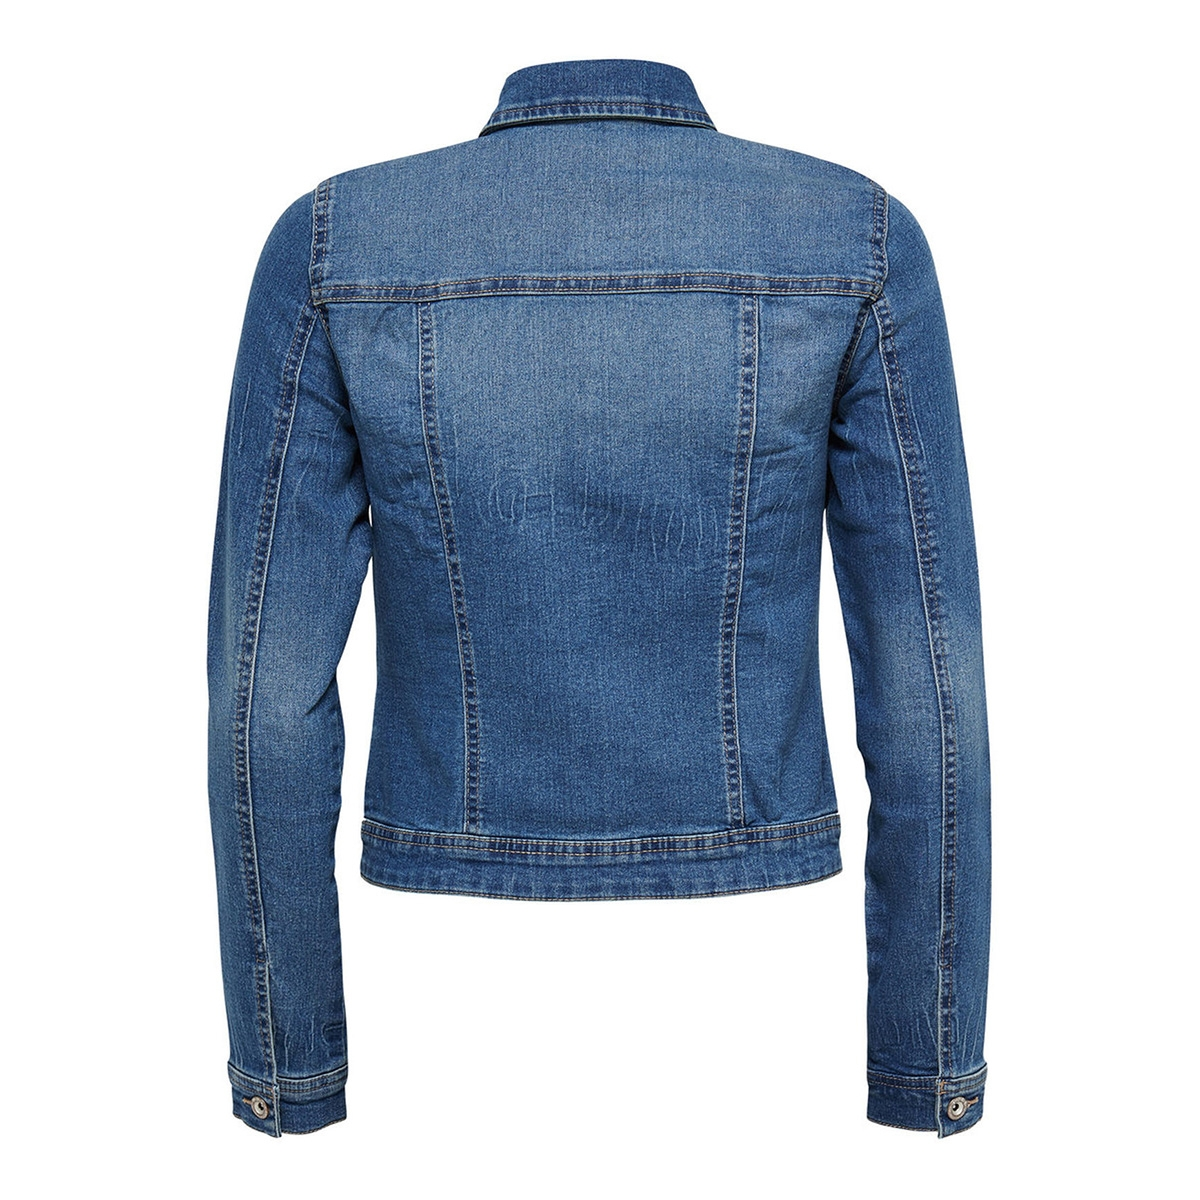 onlnew westa jacket pim203 15114138 only jas medium blue denim